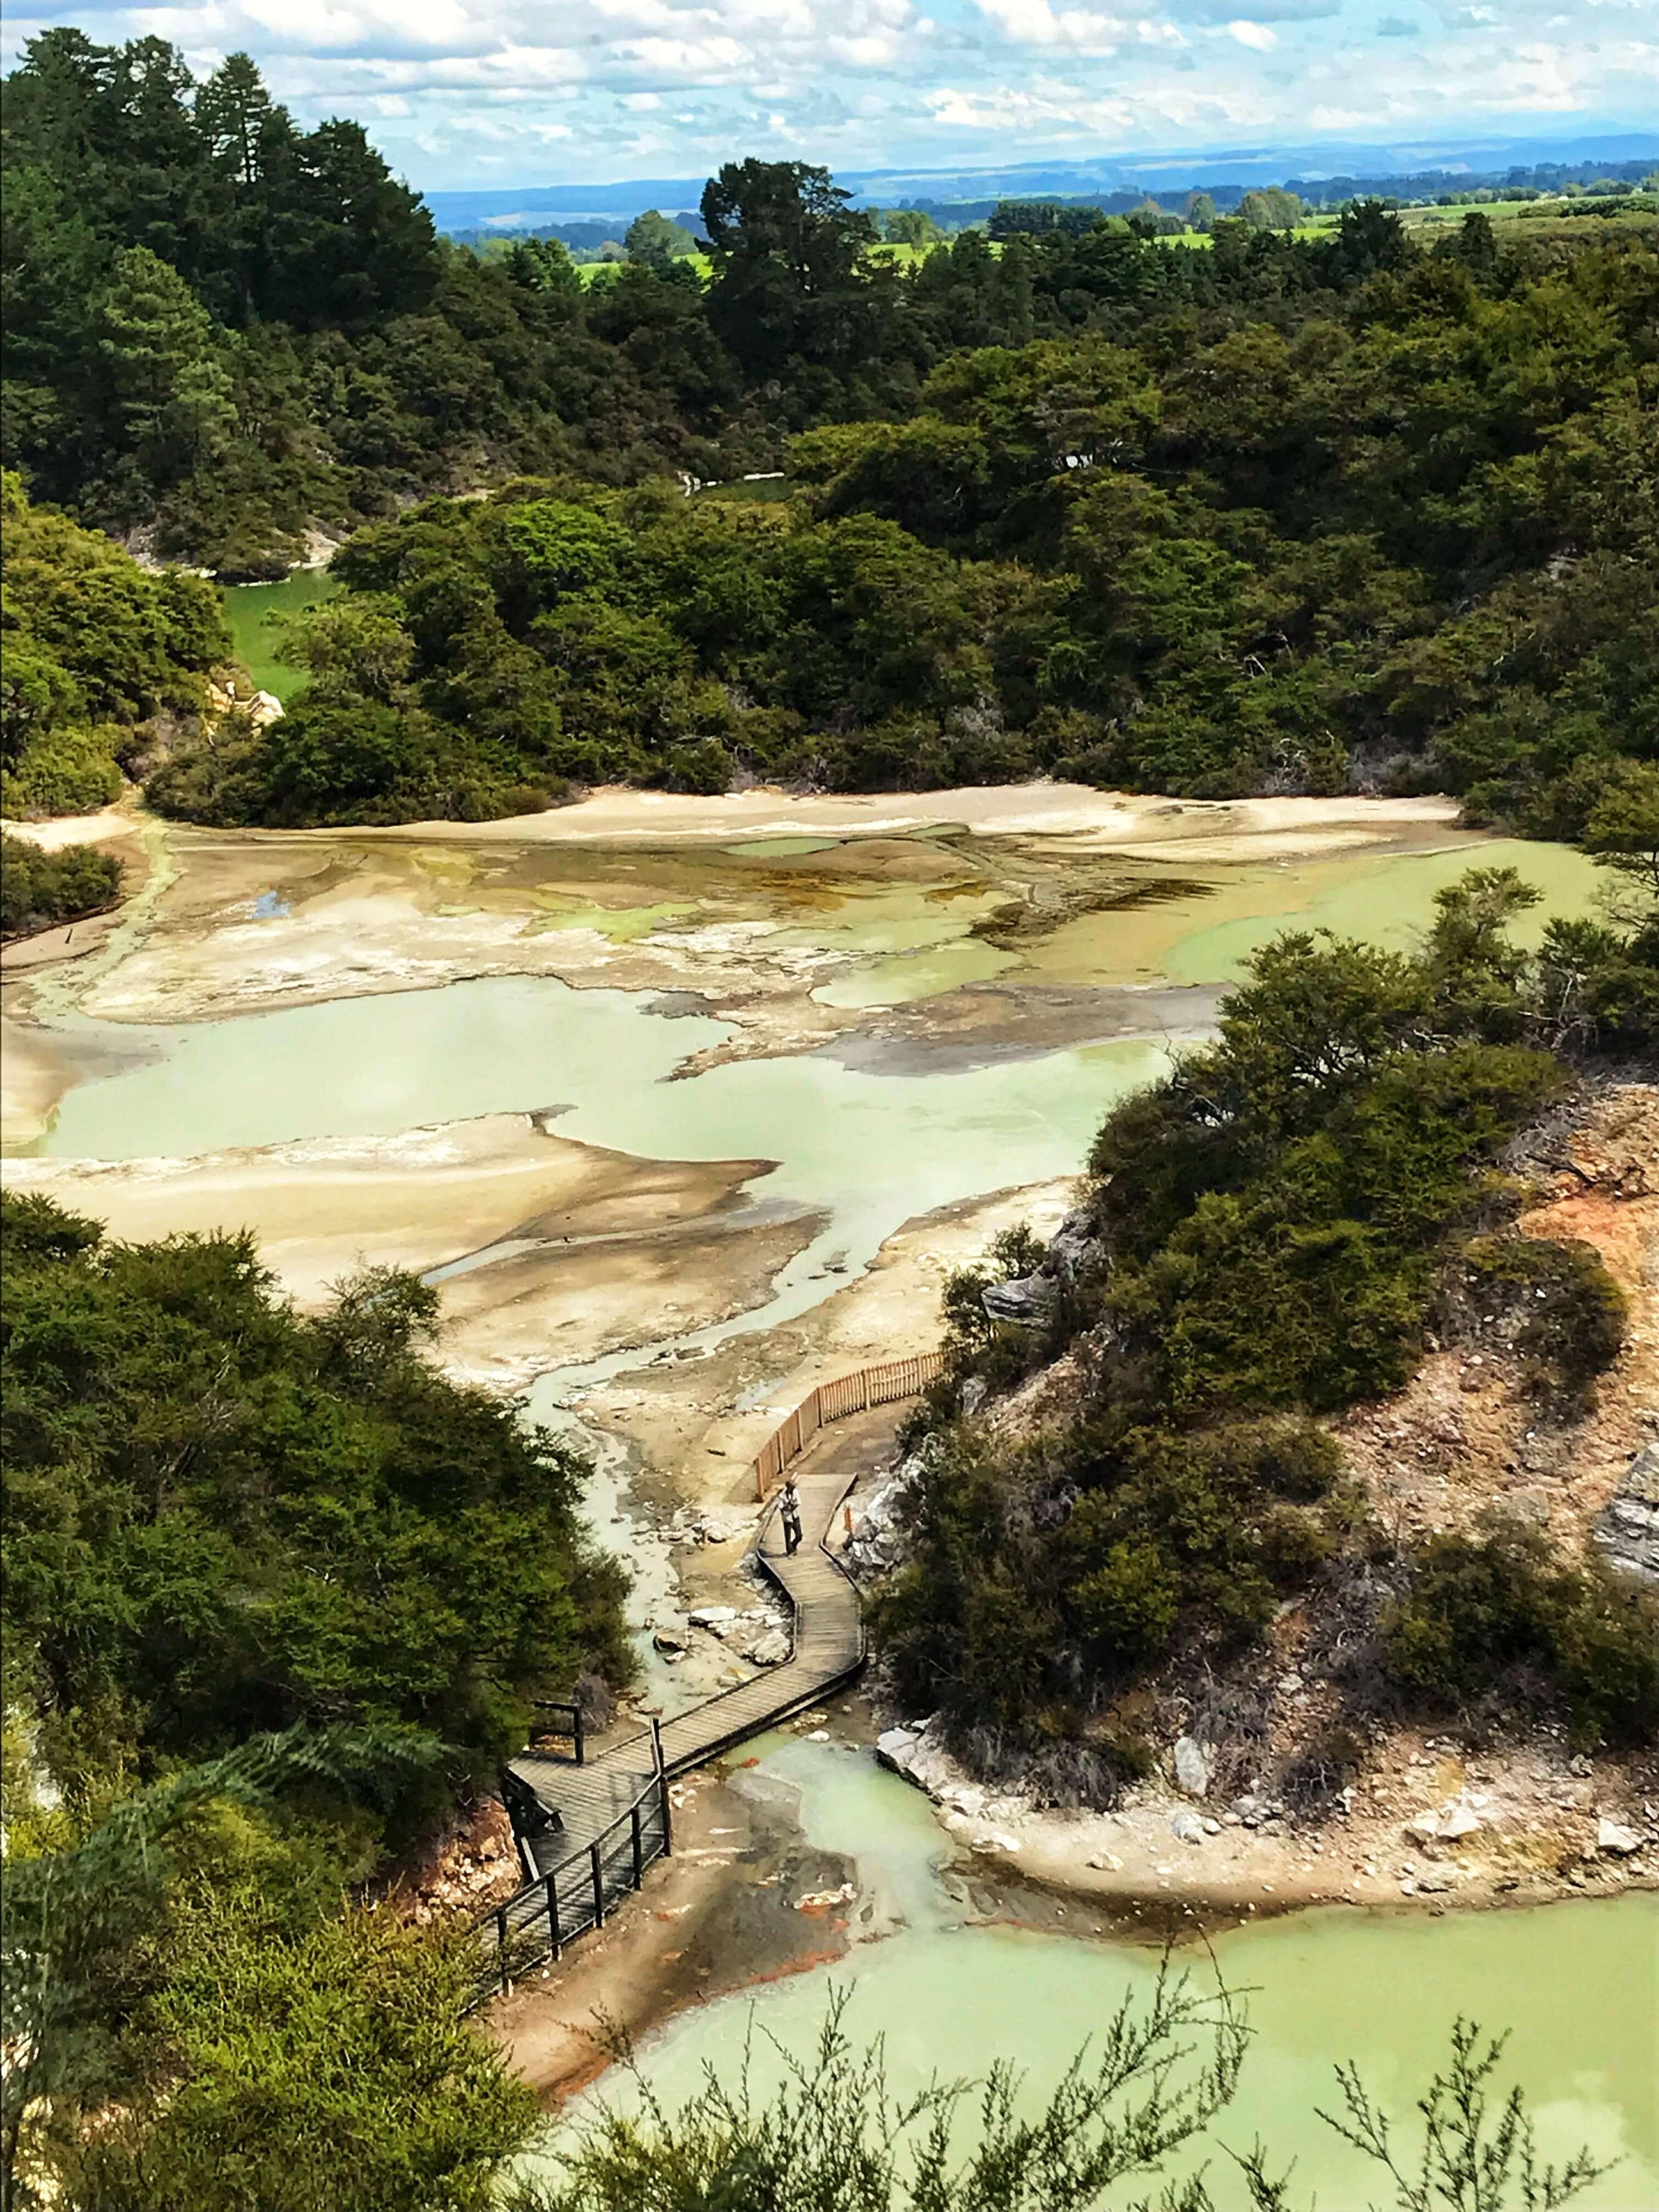 Wai o Tapu Thermal Wonderland Park